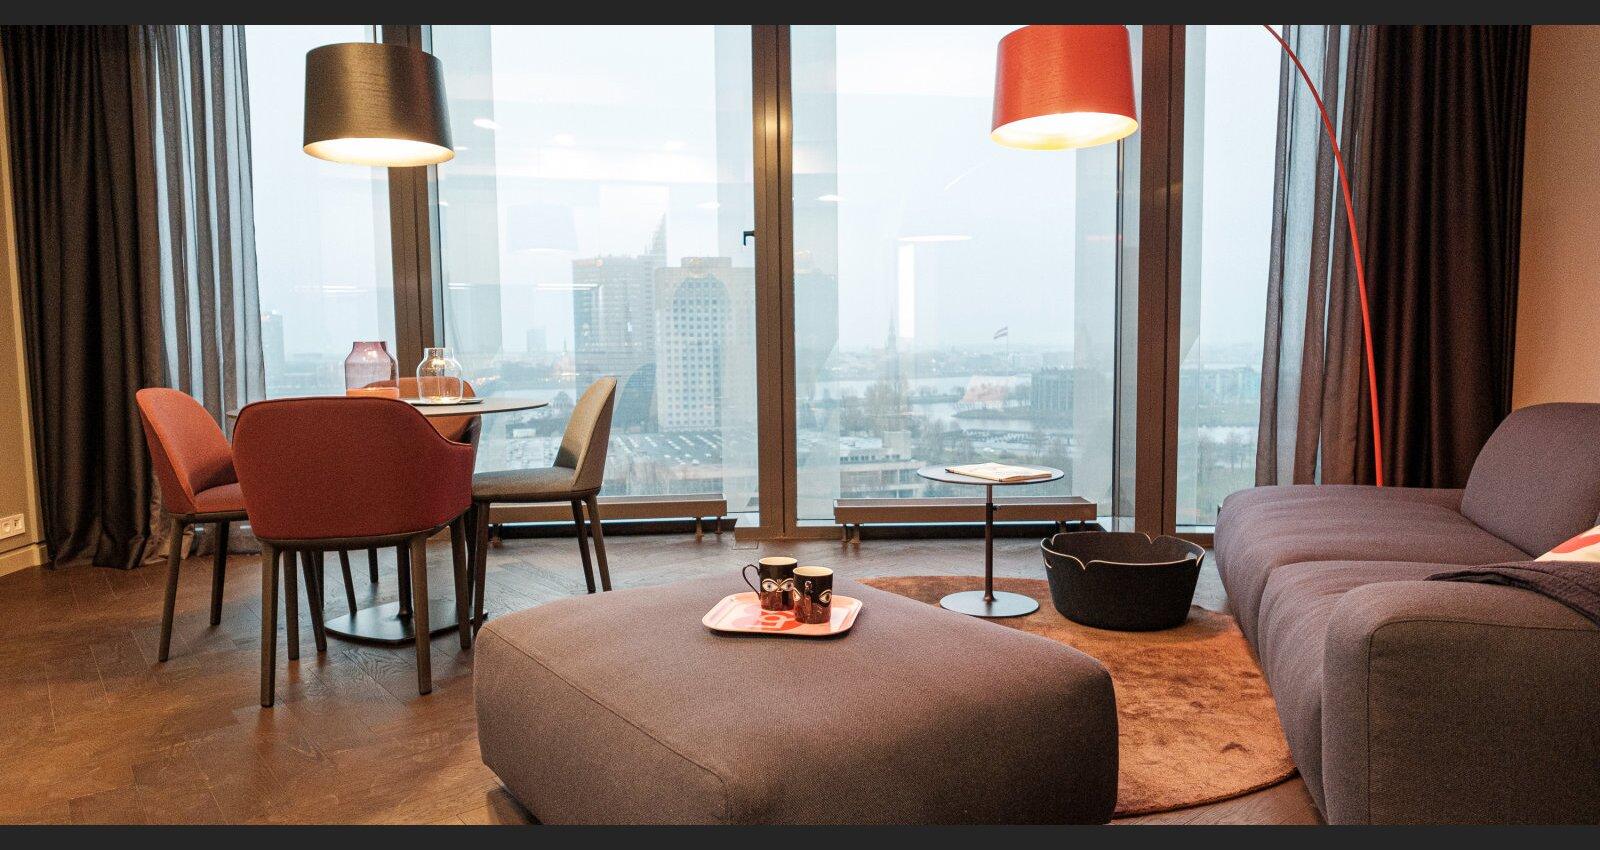 ФОТО. В Z-Towers будут сдавать квартиры: что внутри рижских башен-близнецов?